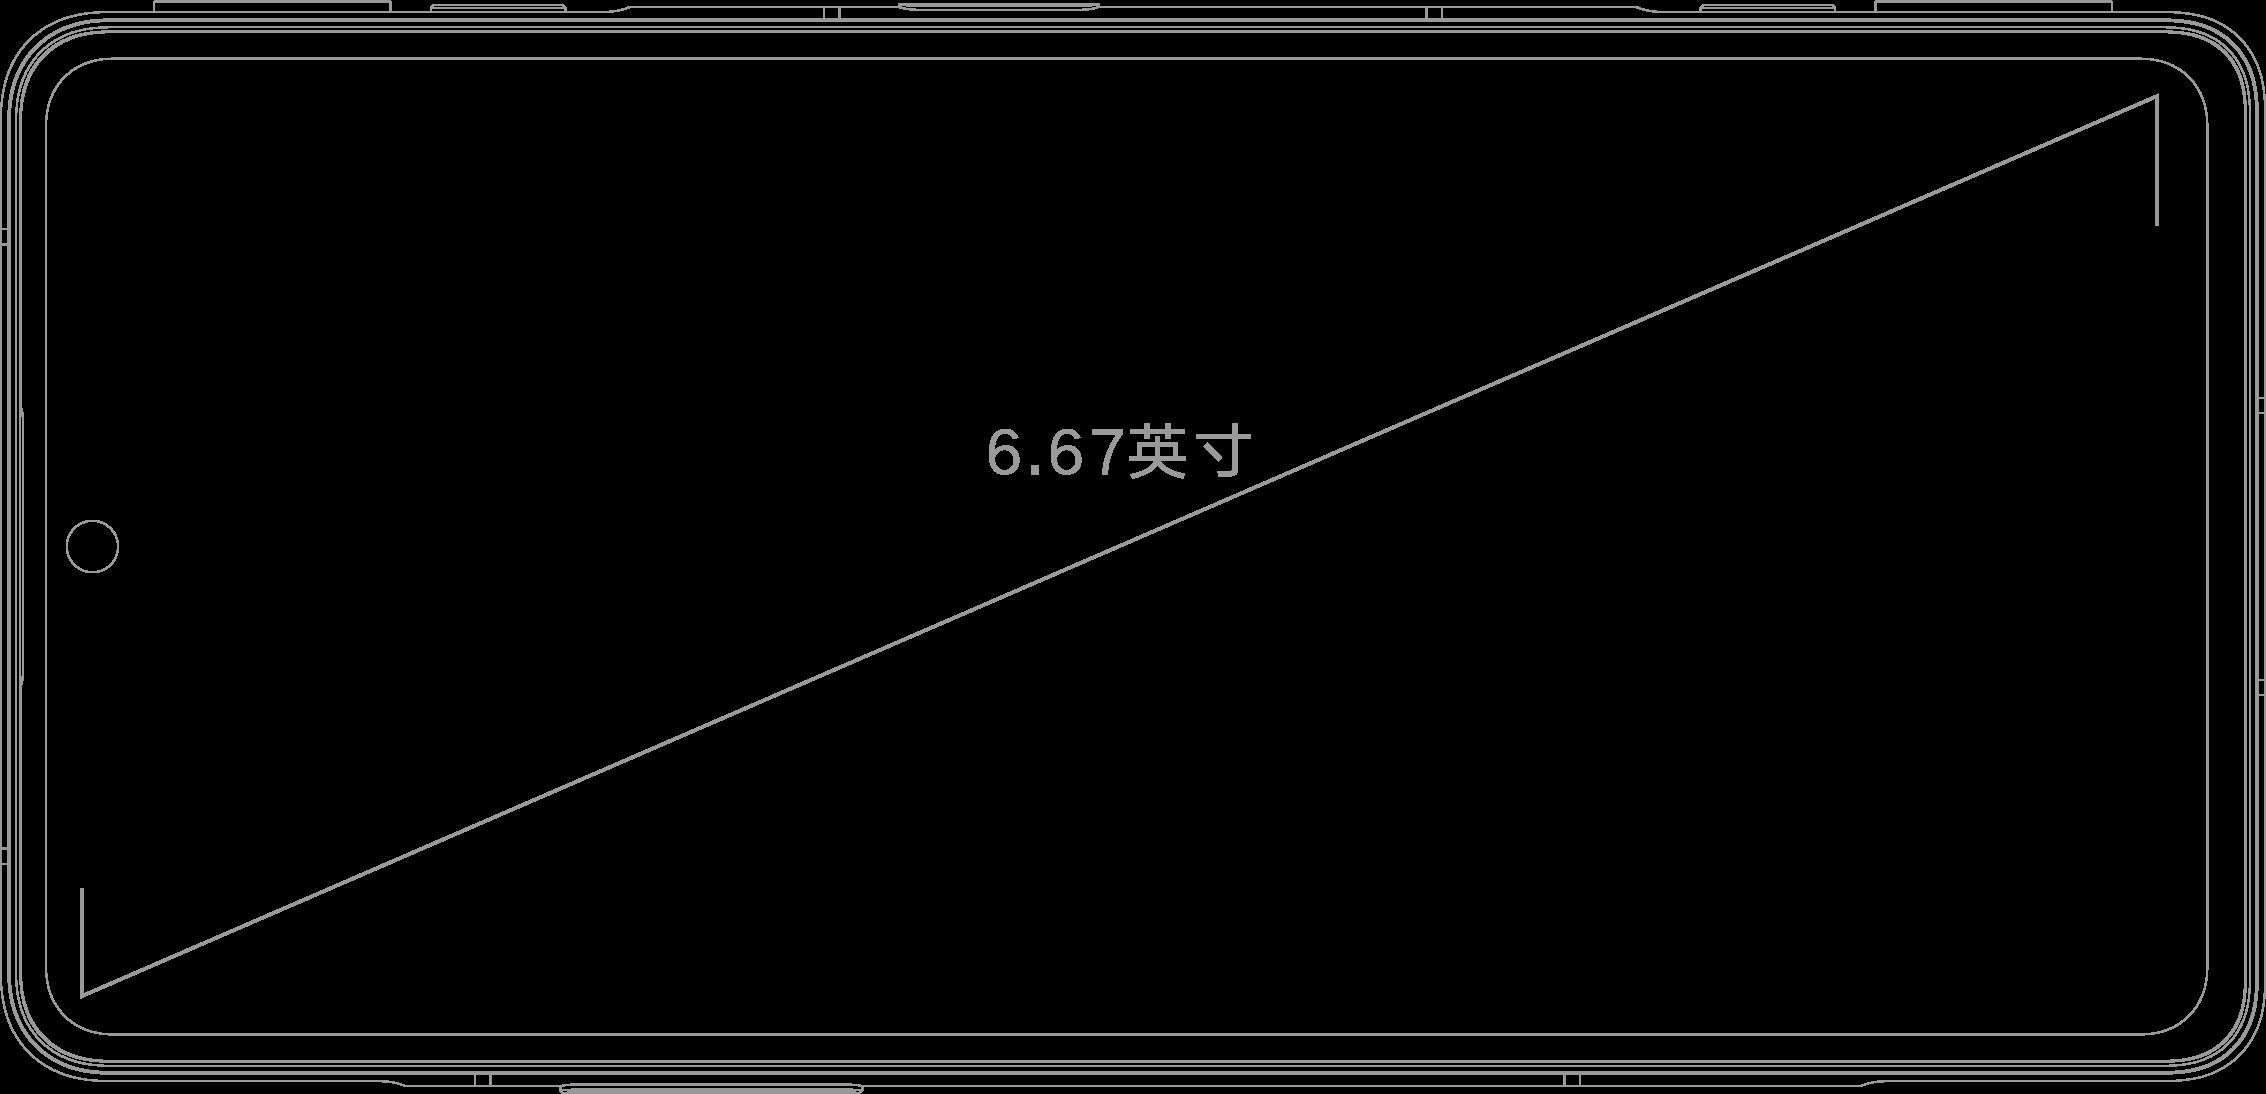 specs-screen.png